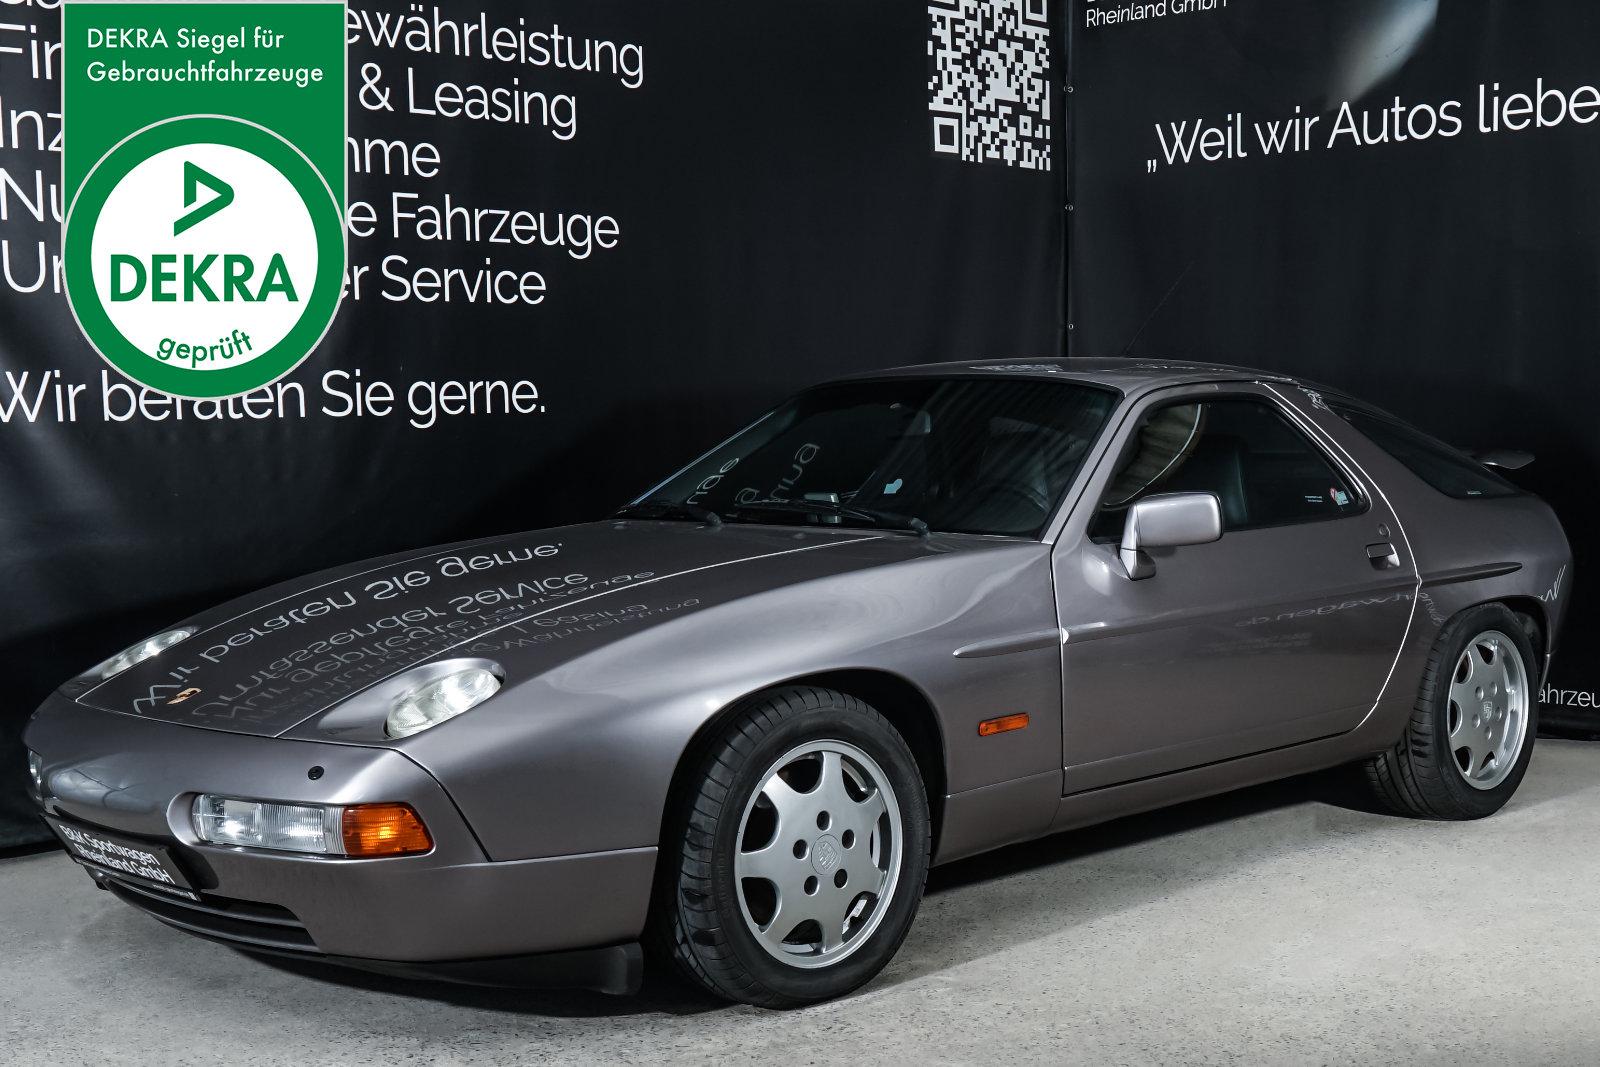 Porsche_928_Grau_Schwarz_POR-0325_Plakette_w